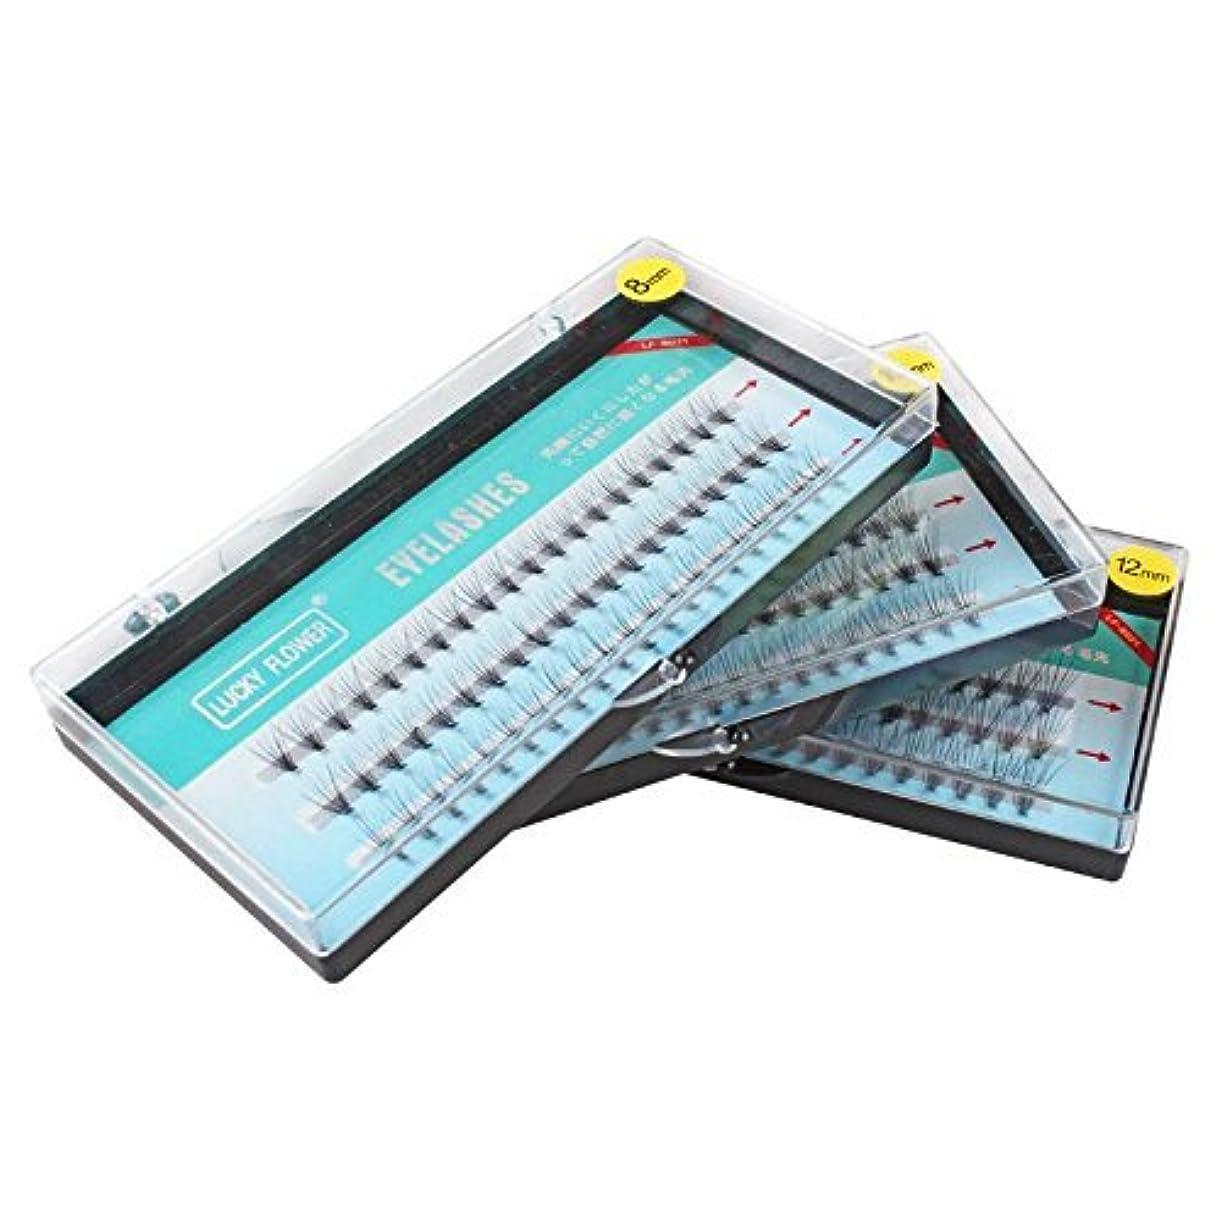 コース水研磨高品質10本束 8mm Cカール まつげエクステ フレア セルフ 素材 マツエク (10mm)